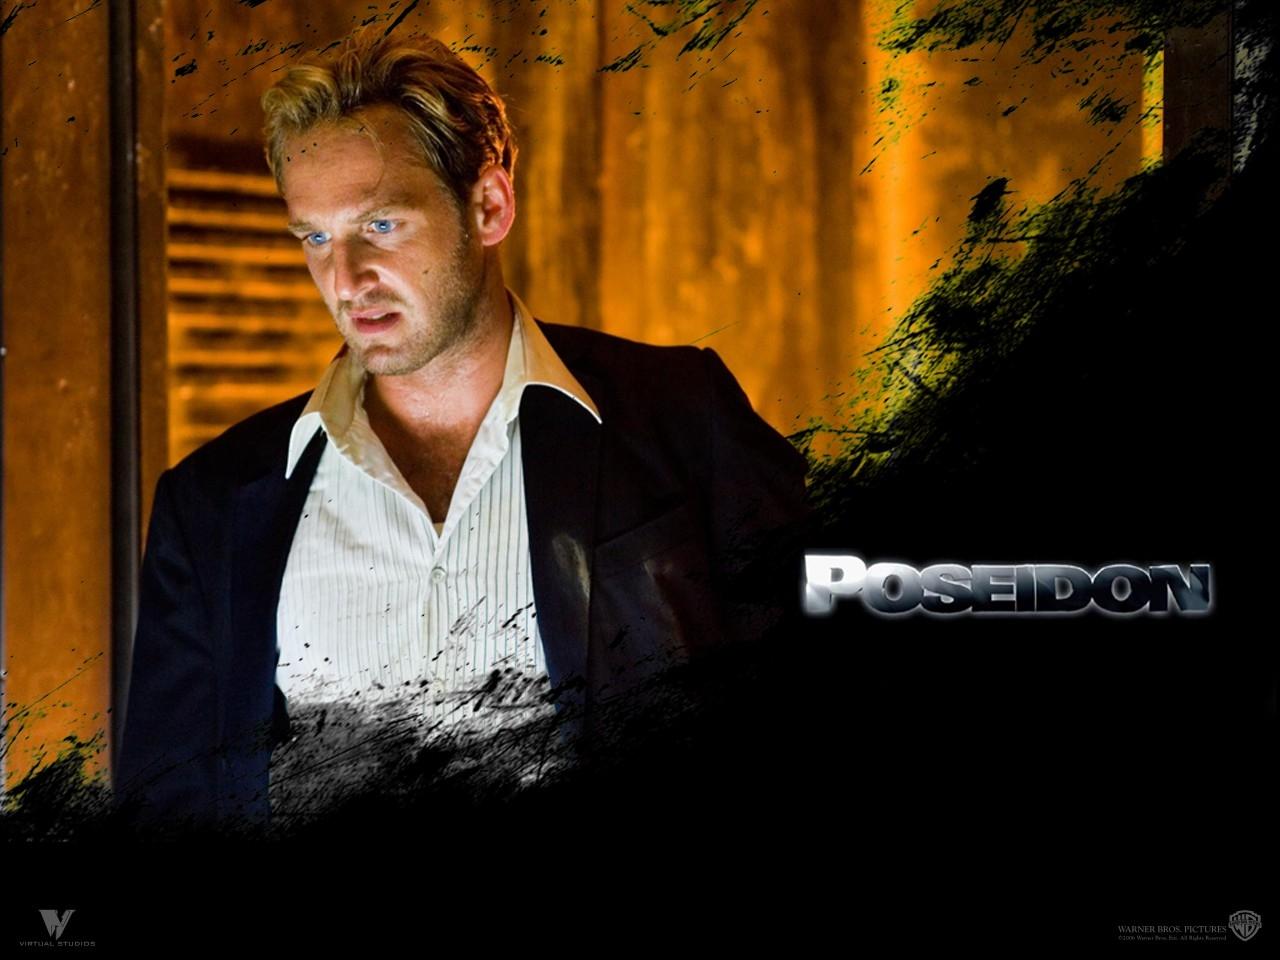 Wallpaper del film Poseidon con Josh Lucas